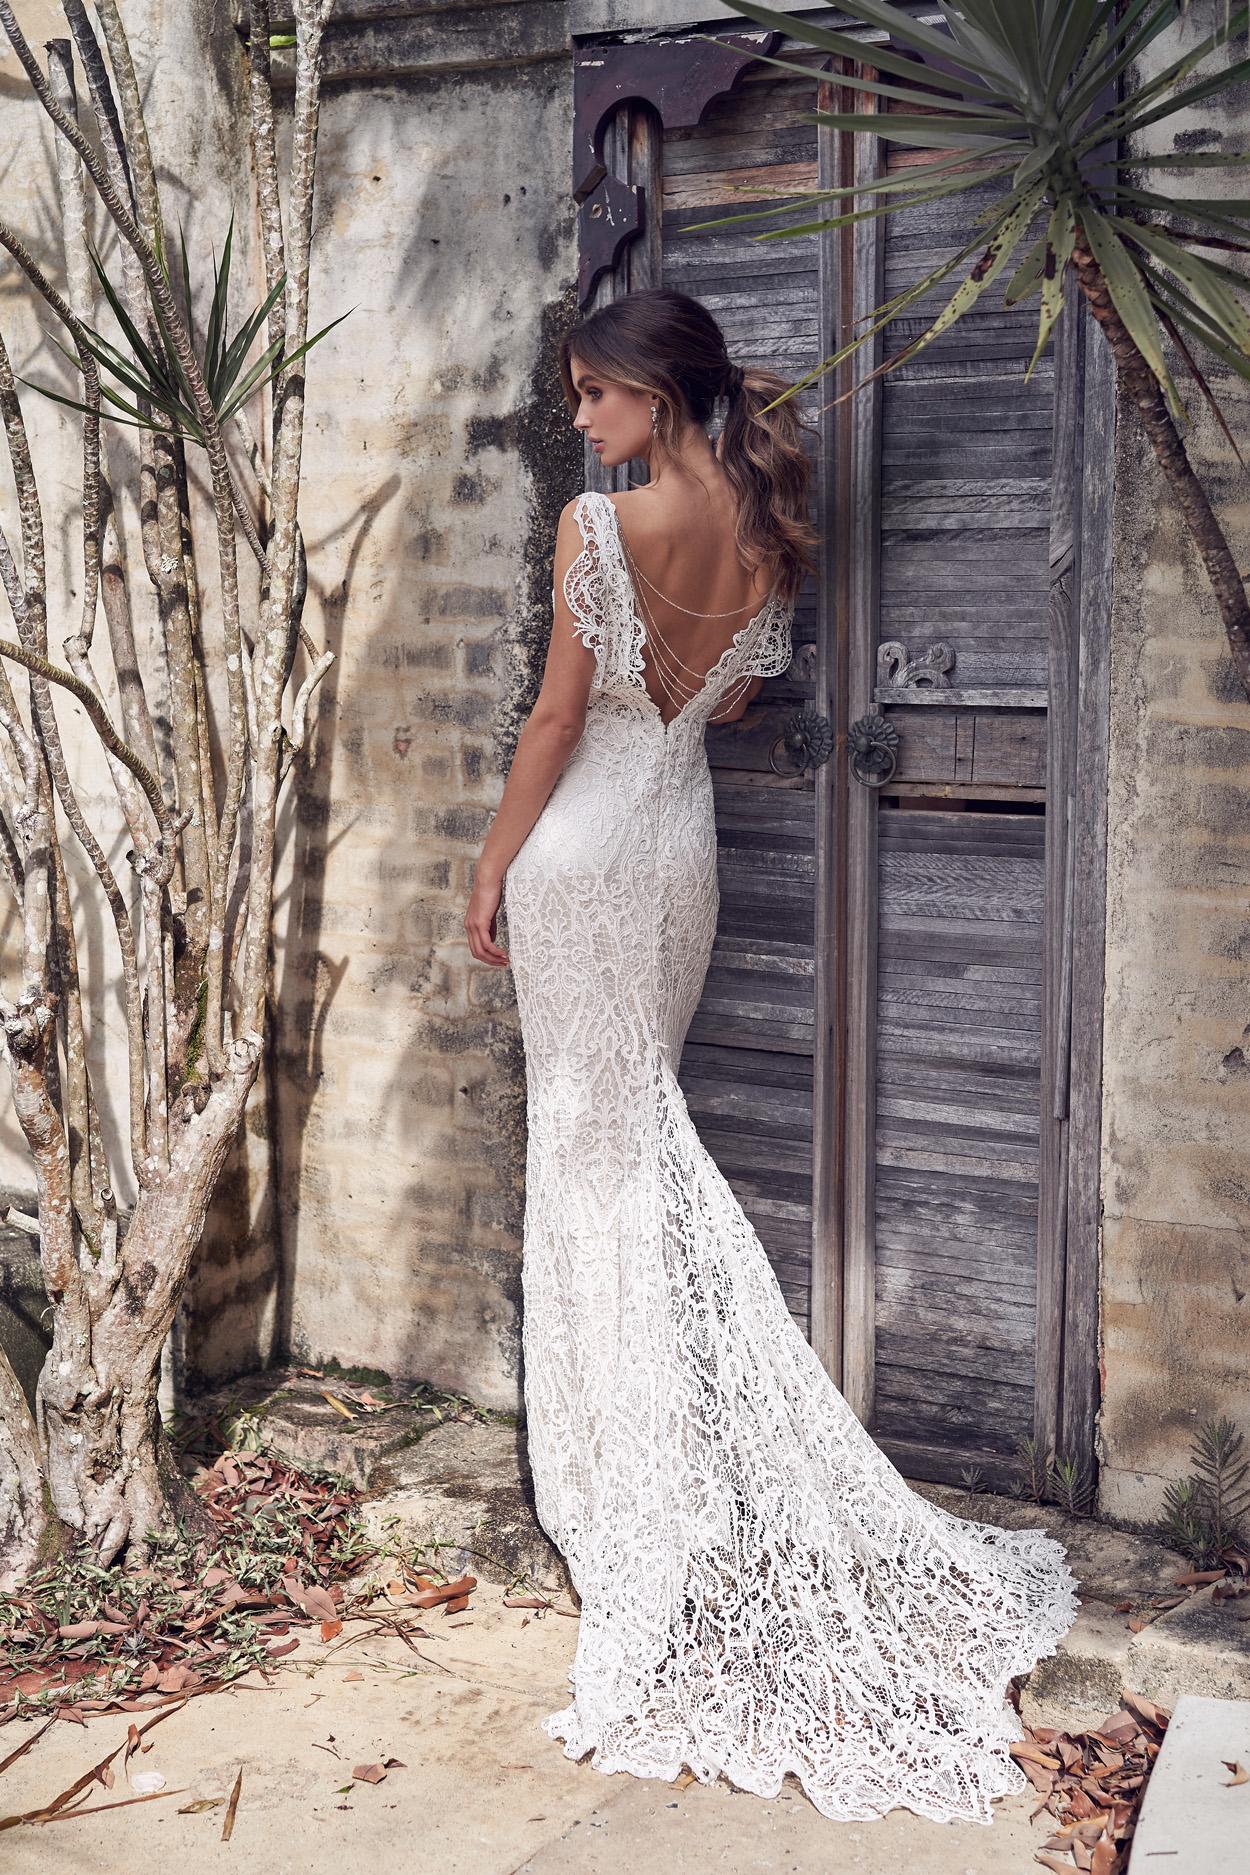 Kira_Dress_back_wanderlust_anna_campbell_wedding_Dress_inspire_Weddings.jpg